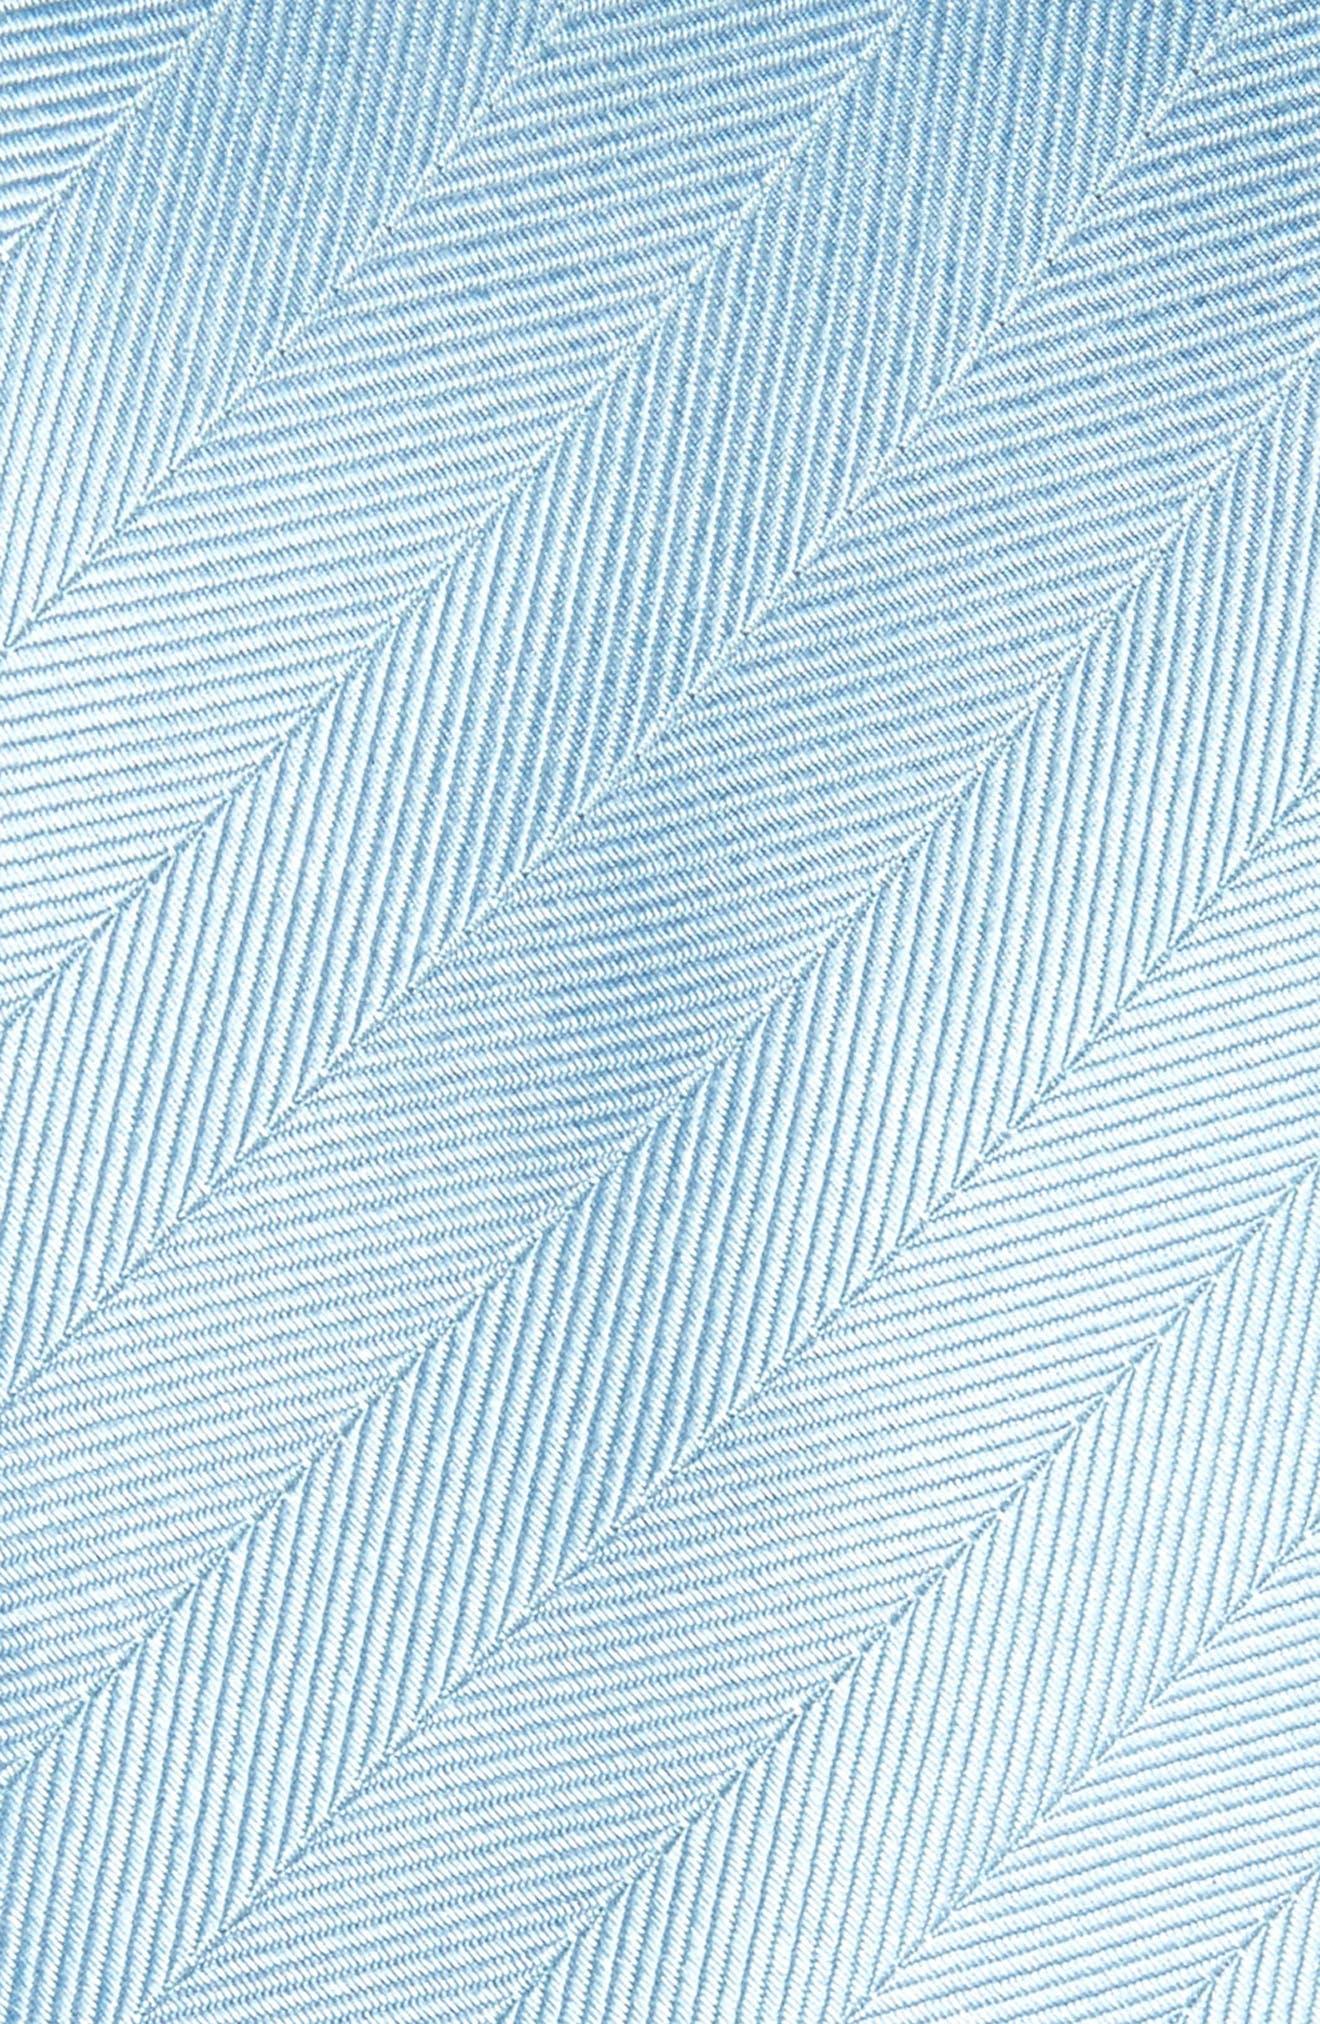 Herringbone Vow Silk Tie,                             Alternate thumbnail 2, color,                             Steel Blue